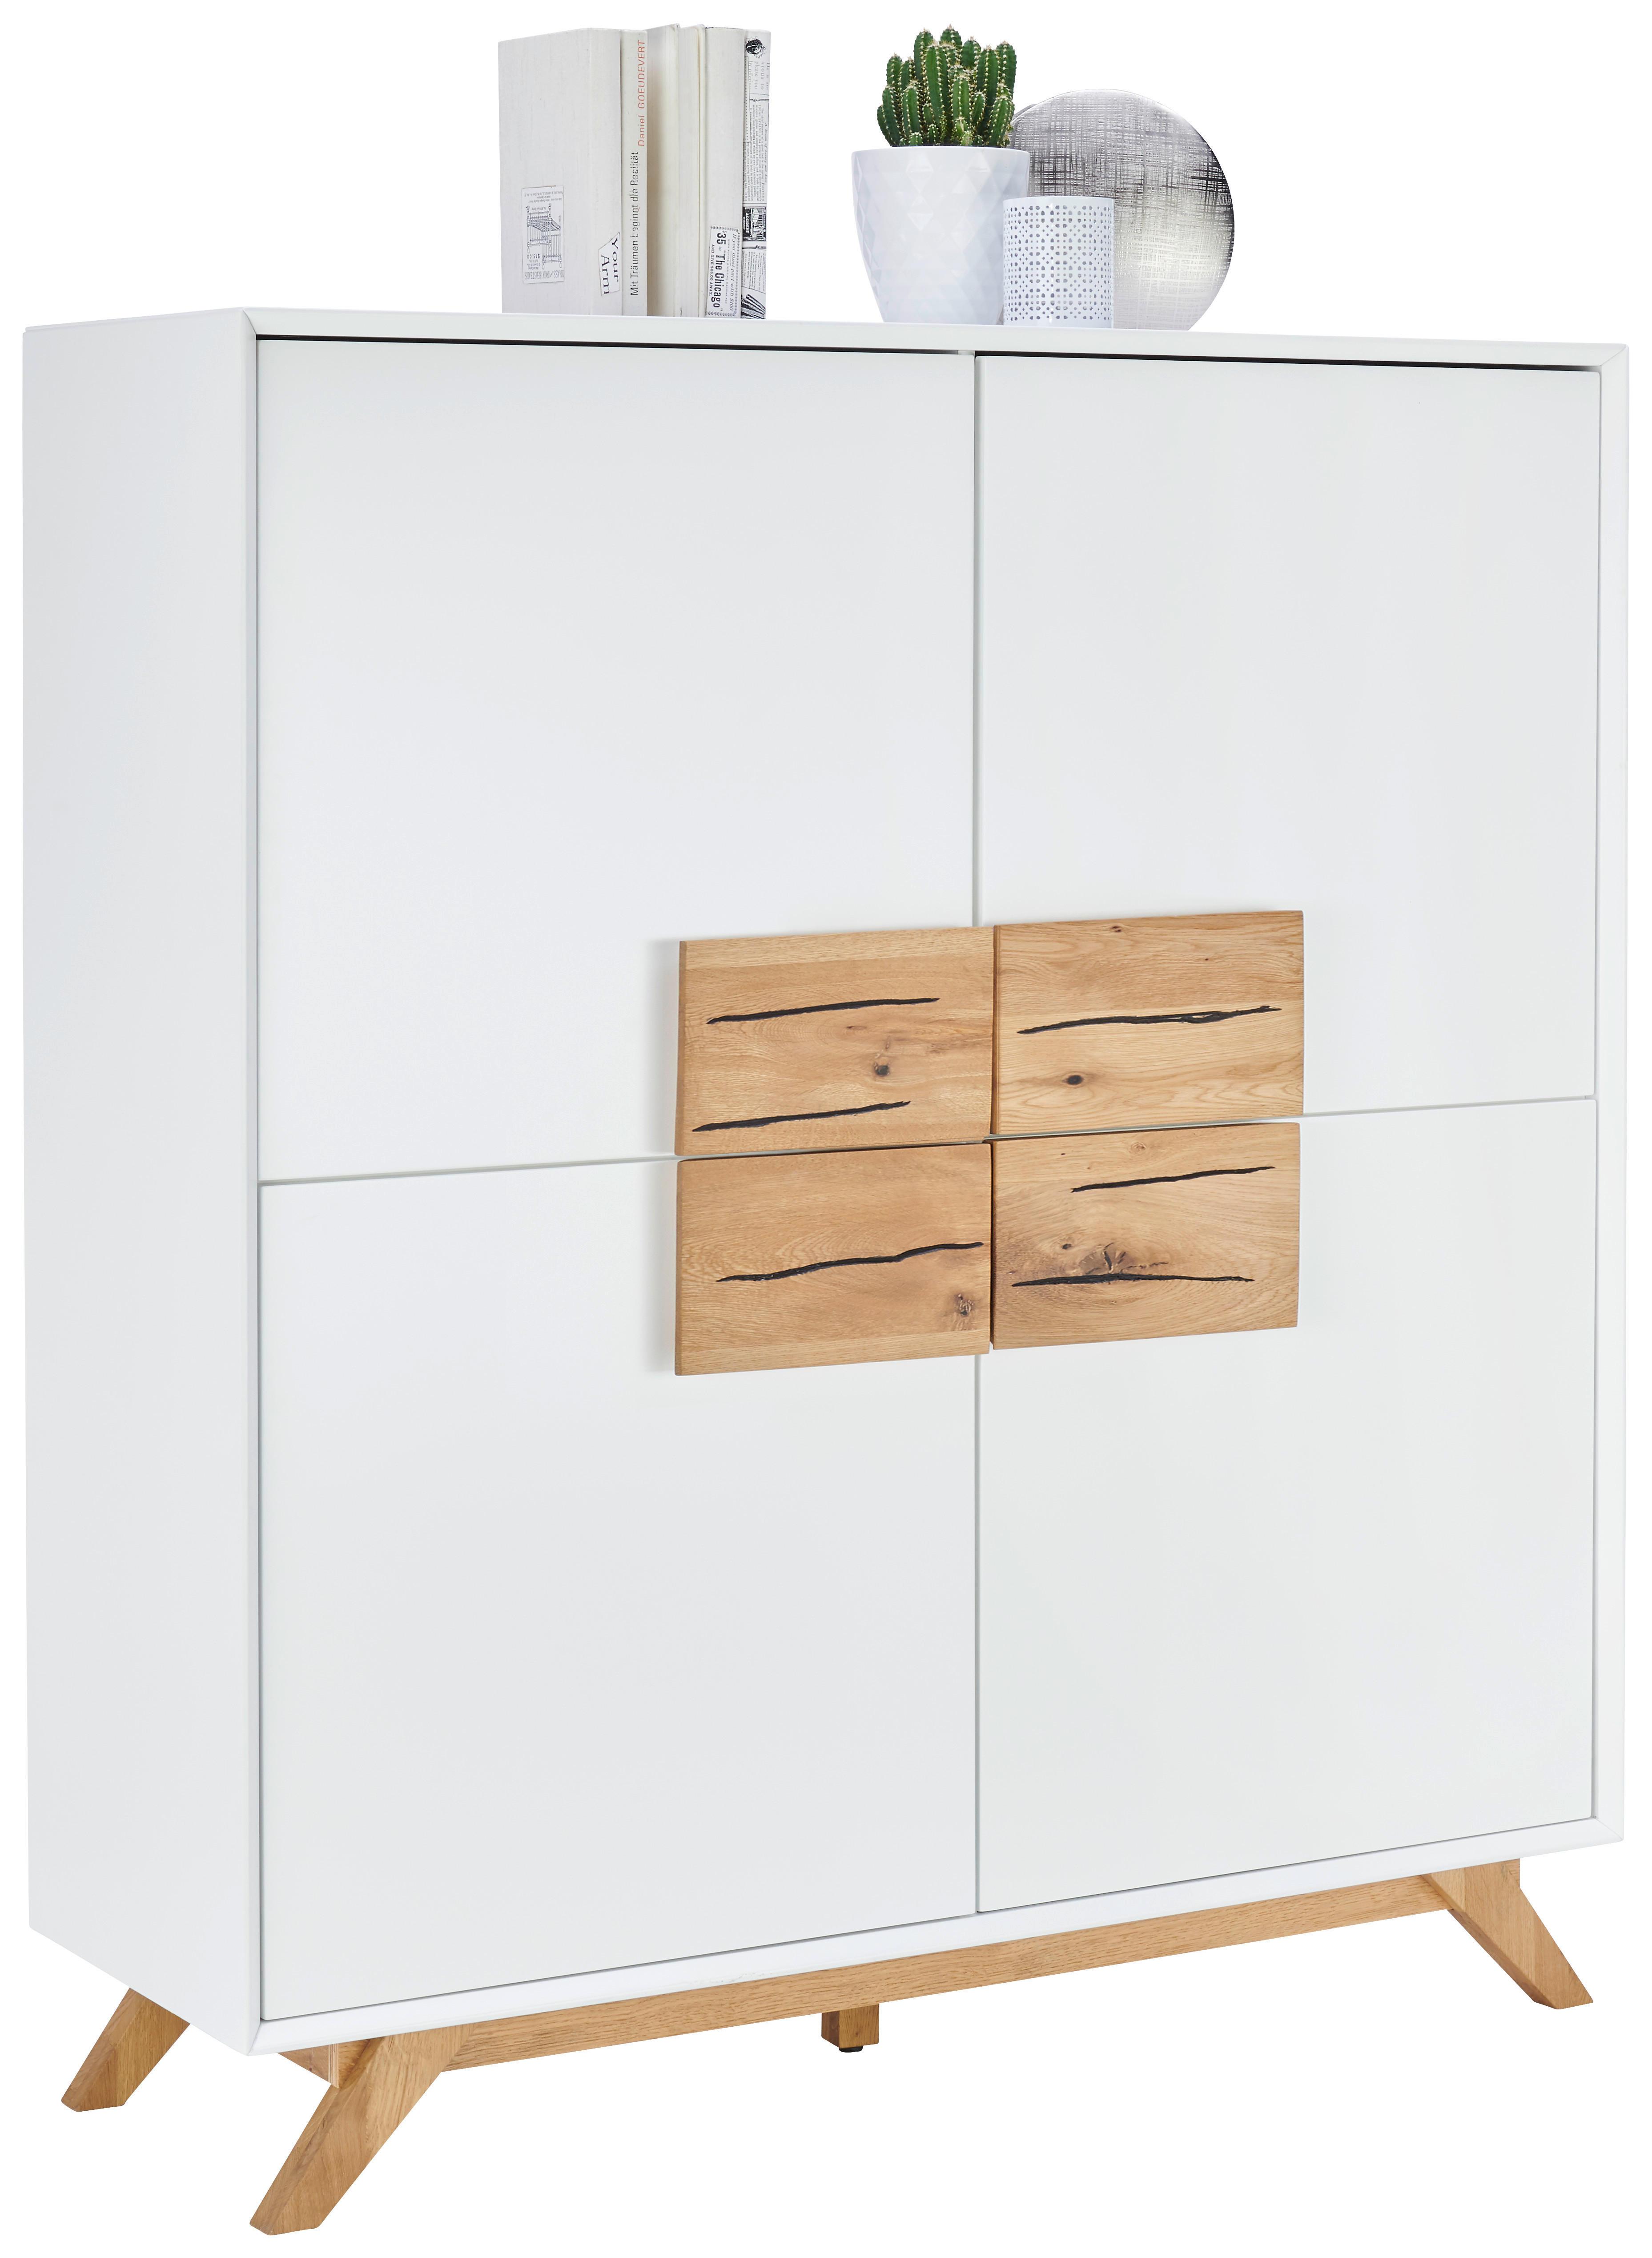 Levně Xora VYSOKÁ KOMODA, dub, bílá, barvy dubu, 120/133/40 cm - bílá, barvy dubu